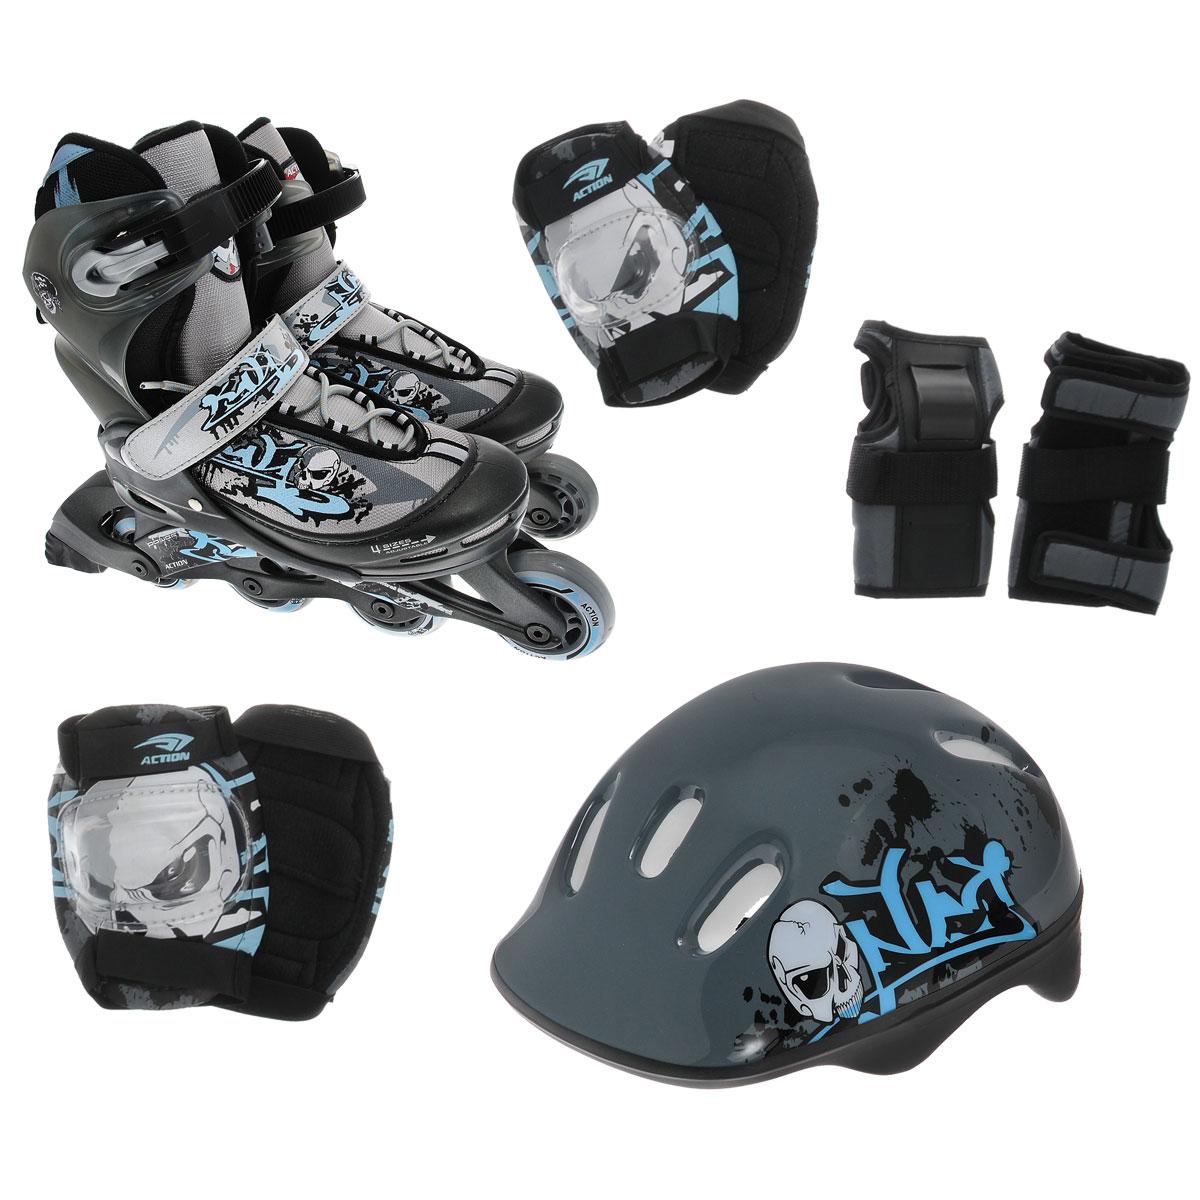 Комплект Action: коньки роликовые, шлем, защита, цвет: серый, голубой. PW-117С. Размер 26/29PW-117СРаздвижные роликовые коньки Action предназначены для активного отдыха. Коньки имеют высокоэластичные и износостойкие колеса жесткостью 82А. Мягкий комбинированный ботинок из воздухопроницаемого сетчатого материала, система шнуровки, бакля (жесткое крепление) и пяточный ремень обеспечивают надежную фиксацию ноги во время катания. Рычажная система регулировки размера. Ролики оснащены тормозом. Рама изготовлена из композита, а колеса с подшипниками АВЕС-5 - из ПВХ (64 мм). К роликам прилагается полный комплект защиты: шлем (из плотного пенополистирола с верхним покрытием из пластика и отверстиями для вентиляции головы), защита рук, коленей, локтей. Двухкомпонентная система с внутренними вставками поглощает энергию удара, снимает нагрузку с суставов и снижает риск получения травм. Все это упаковано в специальную сумку-переноску-рюкзак с прозрачными окном, боковым карманом и регулируемыми лямками. Роликовые коньки - это прекрасная возможность активного время...